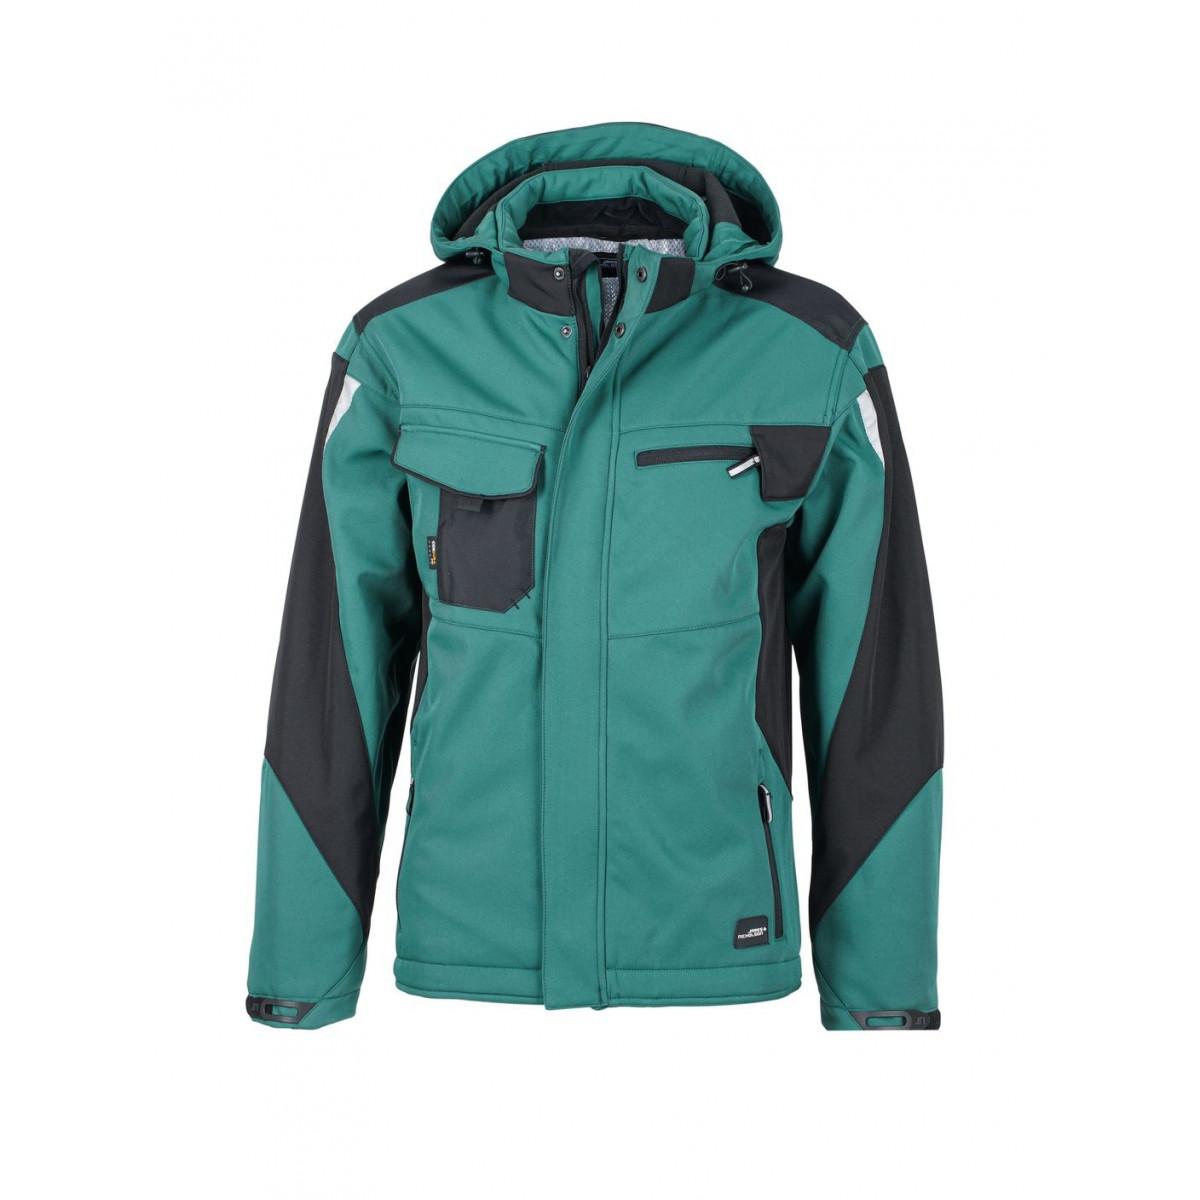 Куртка мужская JN824 Craftsmen Softshell Jacket - Темно-зеленый/Черный